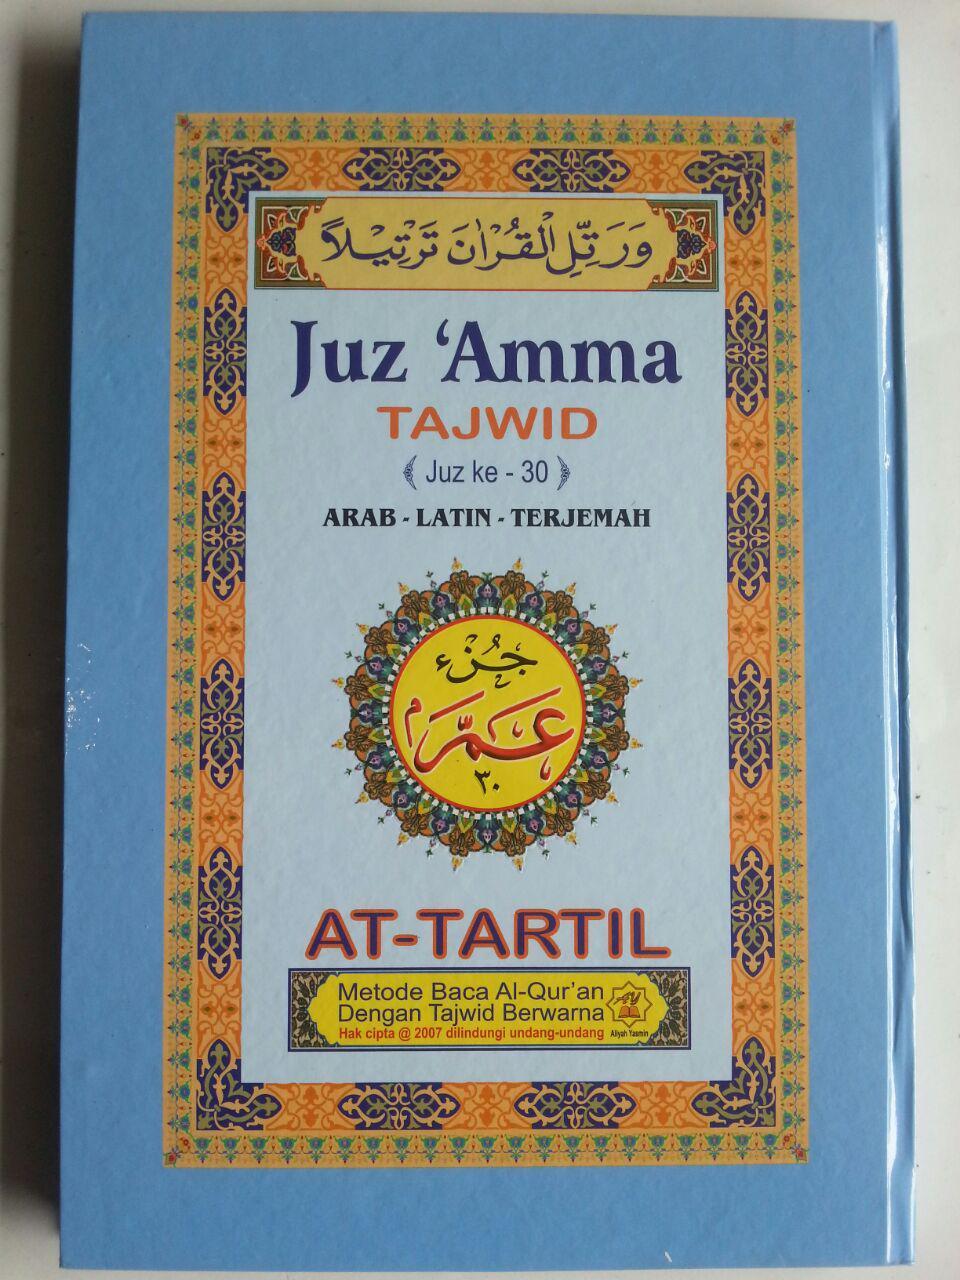 Al Quran Juz Amma Tajwid At Tartil Arab Latin Terjemah B5 Hc